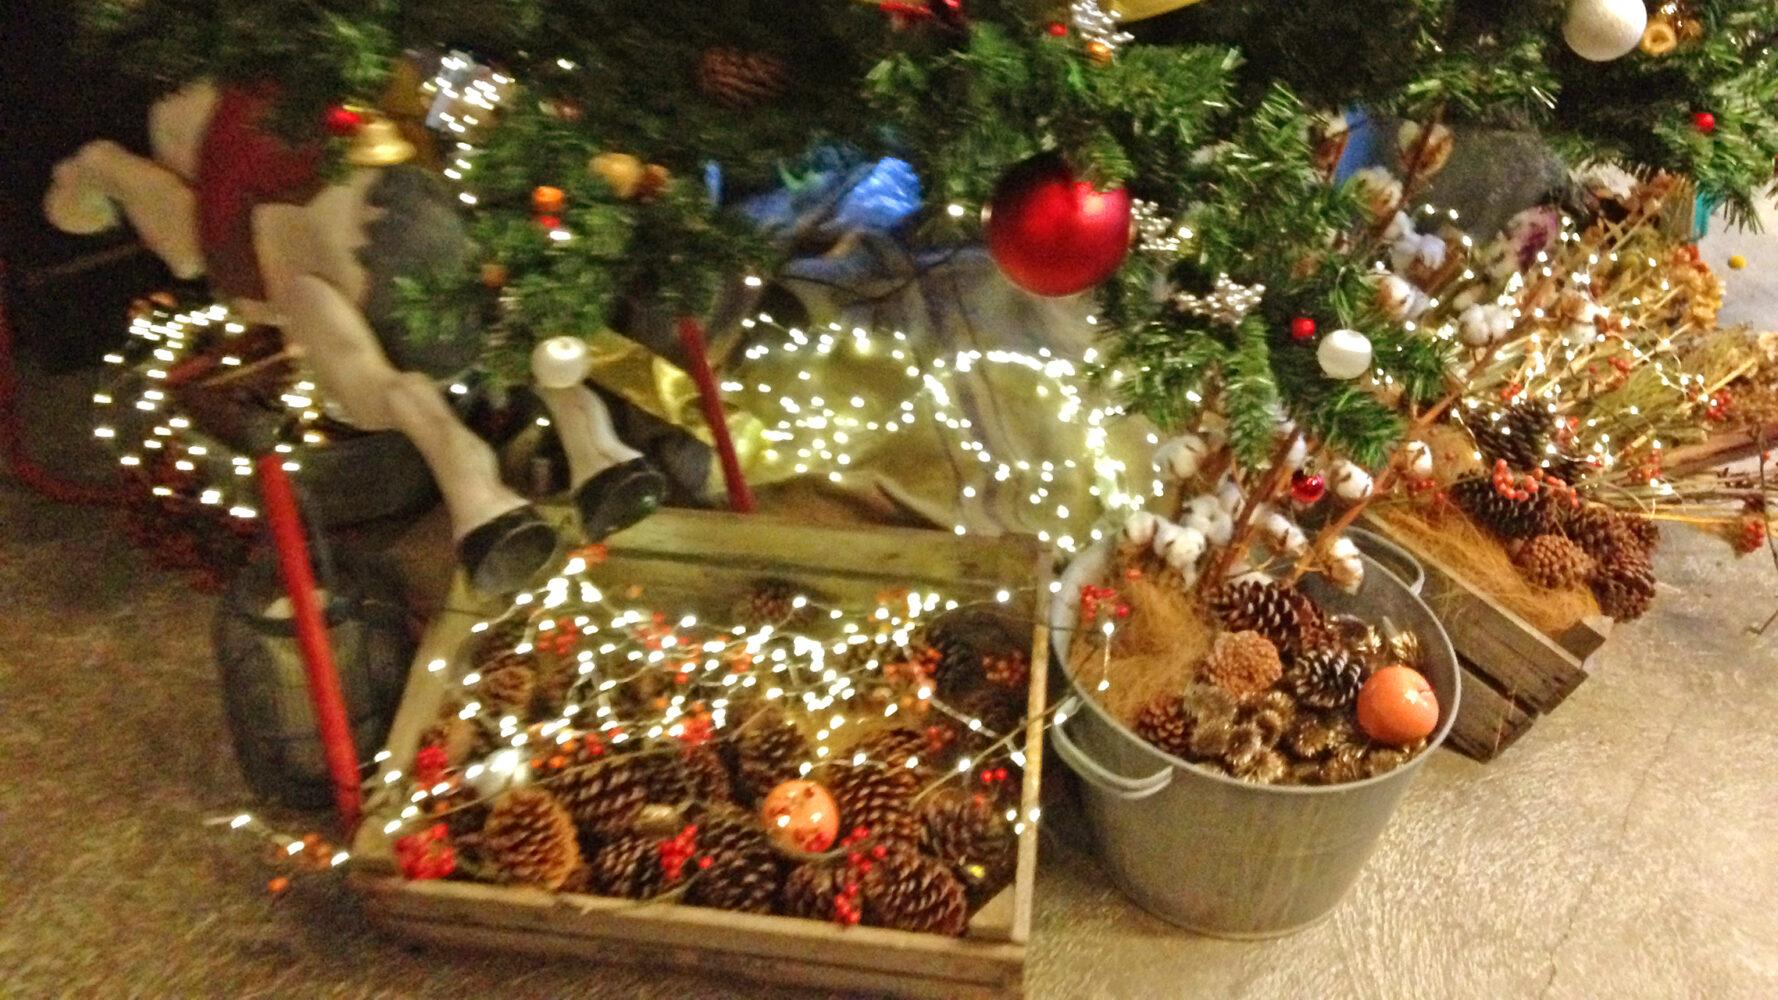 BANK BOOK BAR Christmas display 事例画像2